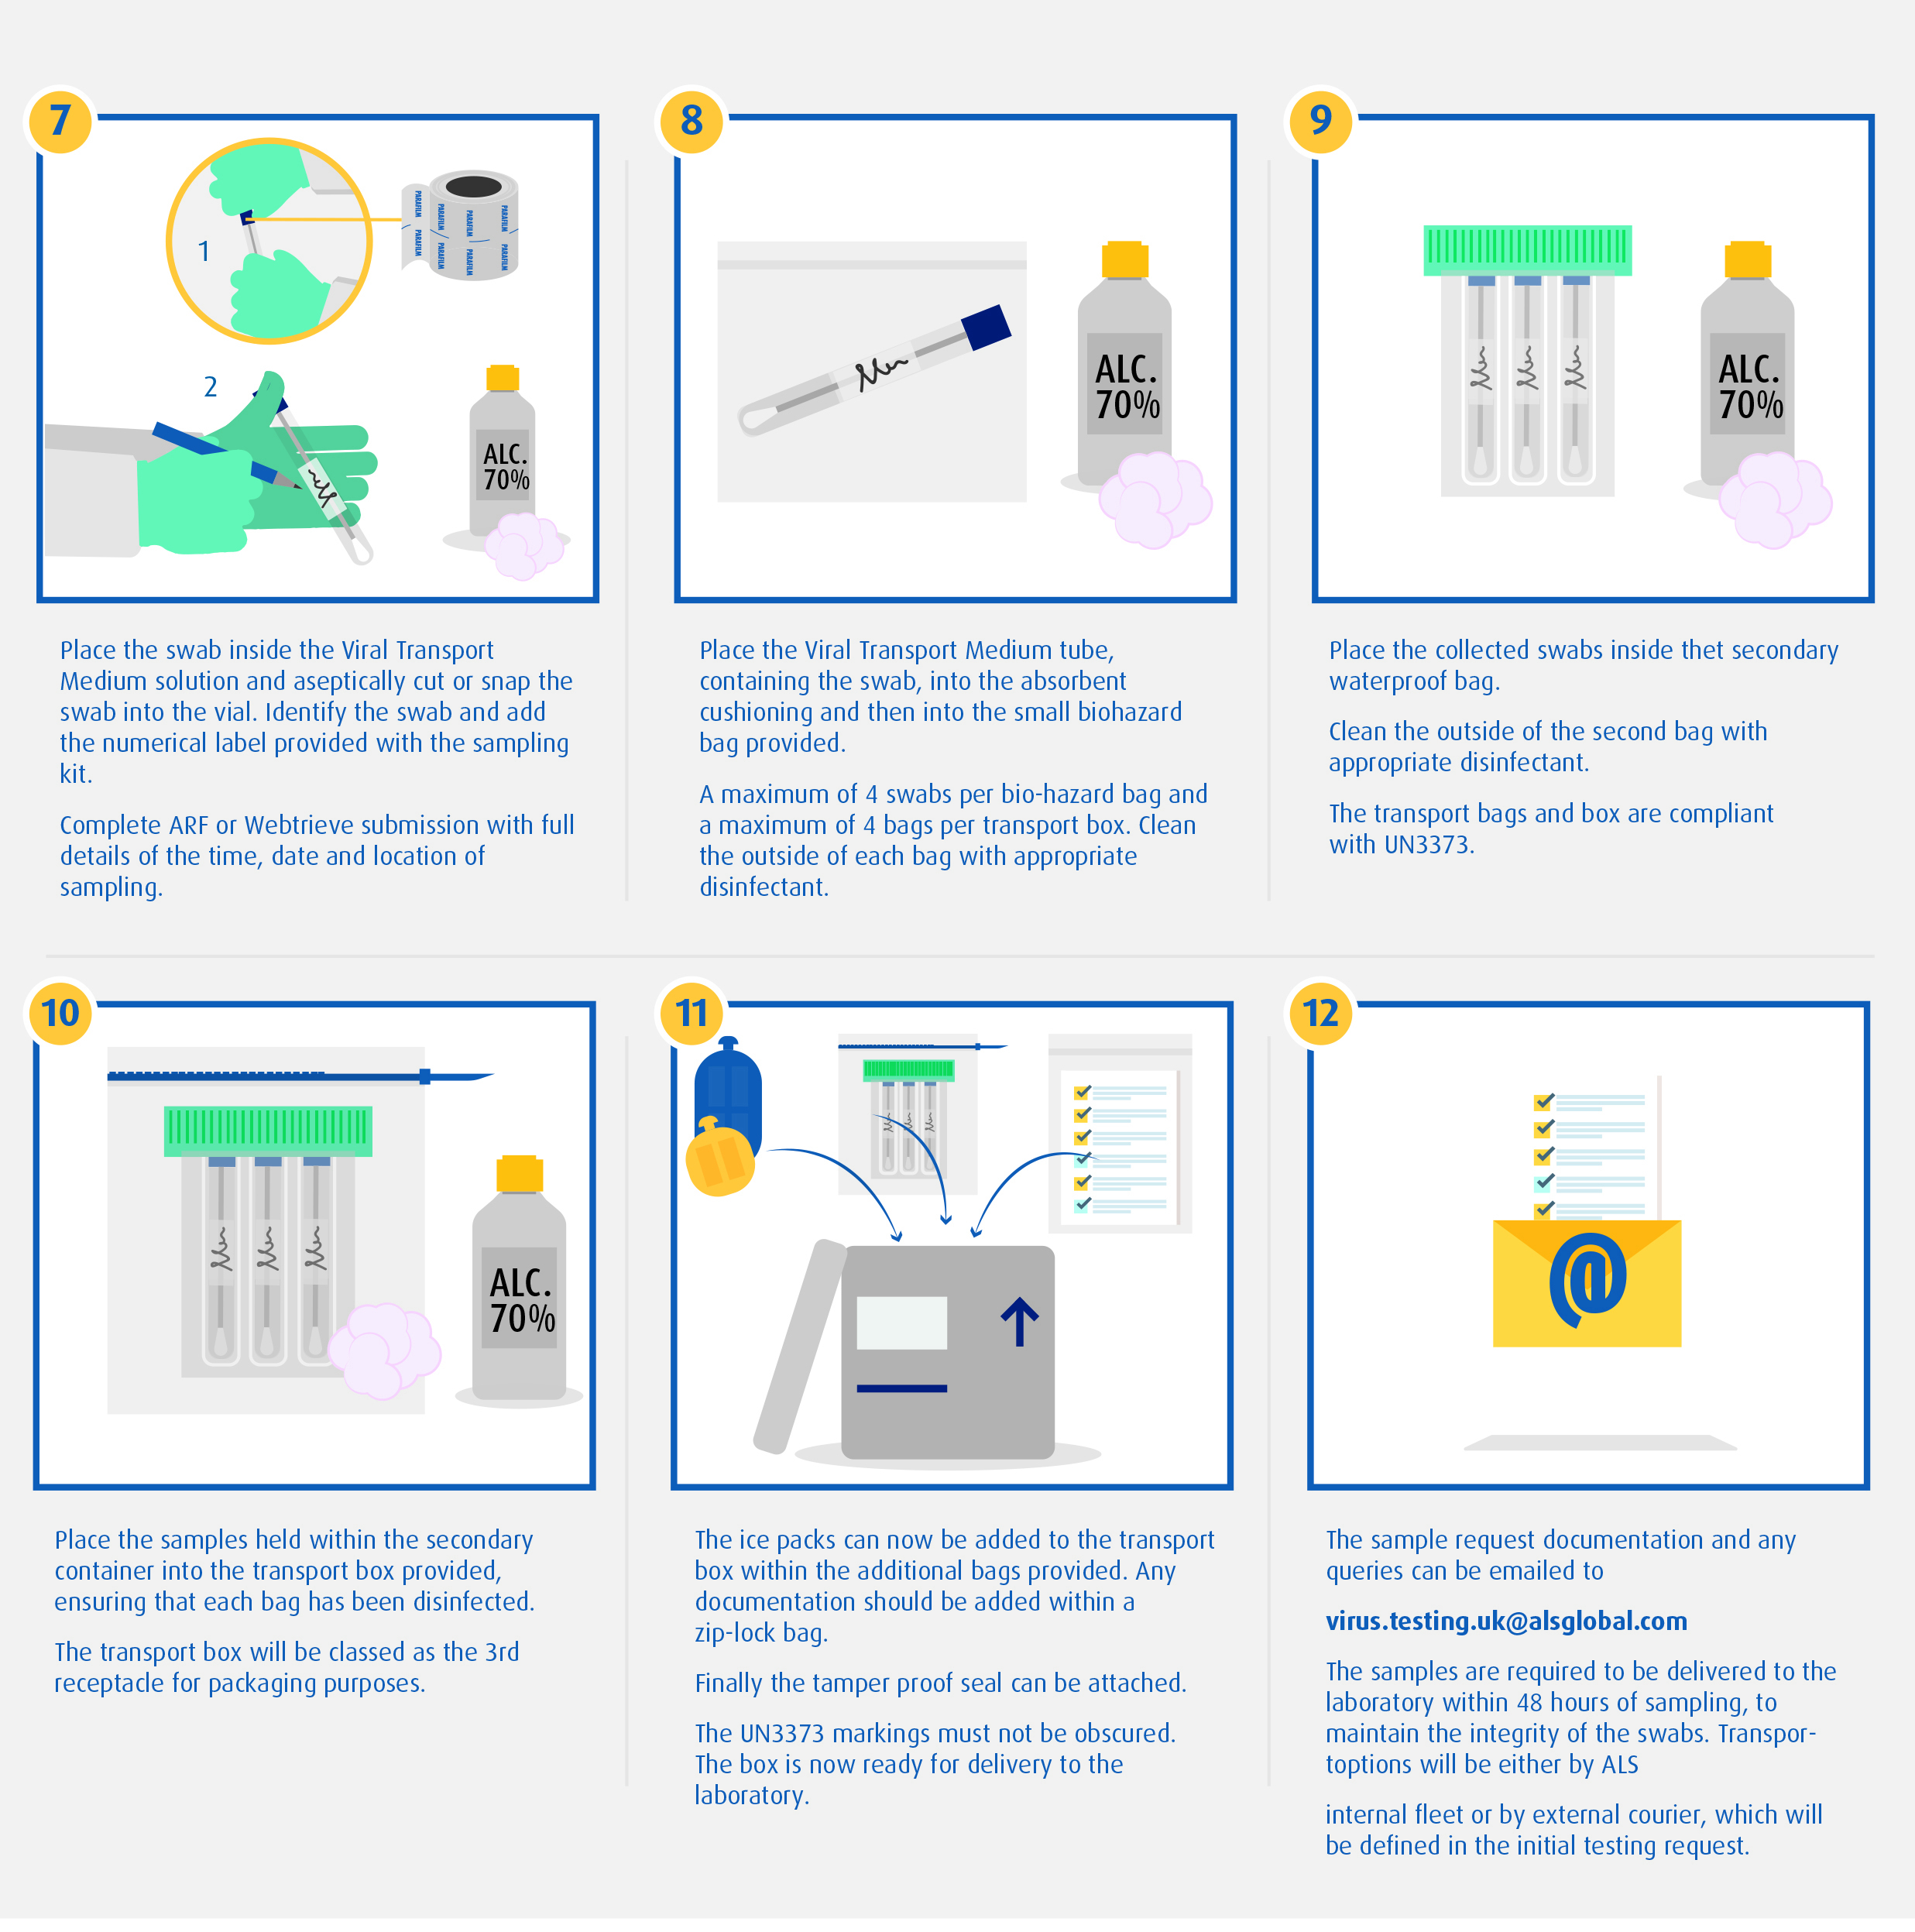 CV19 corona virus swabbing guide 2